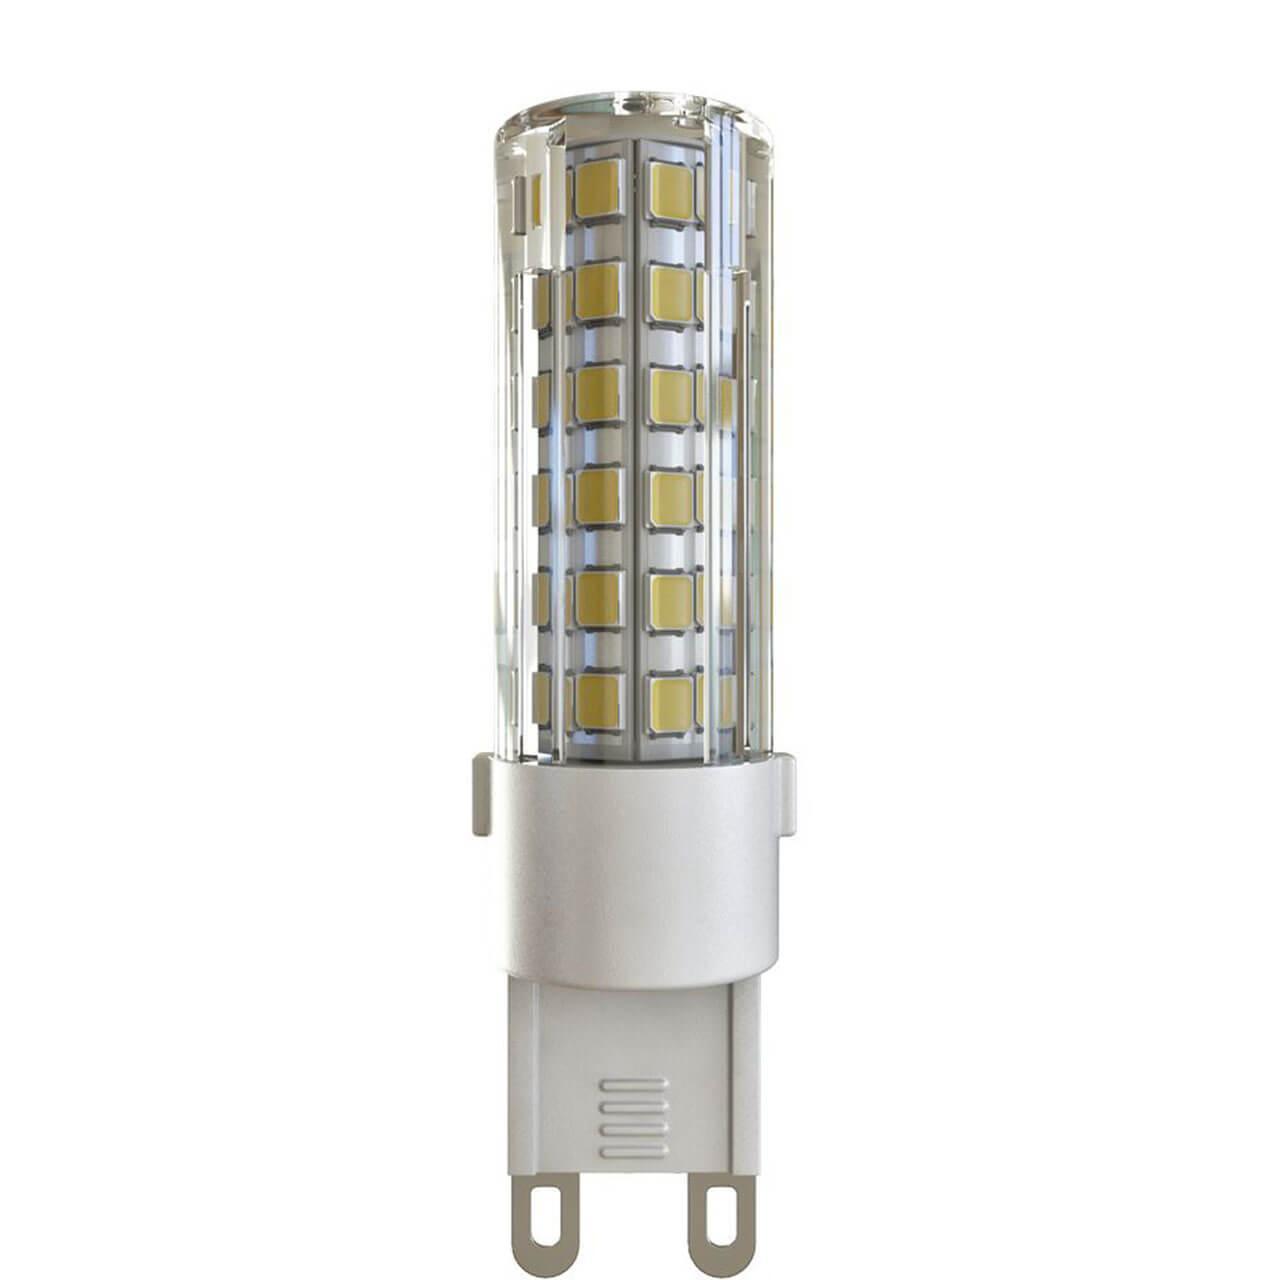 Лампа светодиодная G9 6W 4000К кукуруза прозрачная VG9-K1G9cold6W 7035 lightstar лампа светодиодная lightstar кукуруза прозрачная e14 6w 4200k 940354